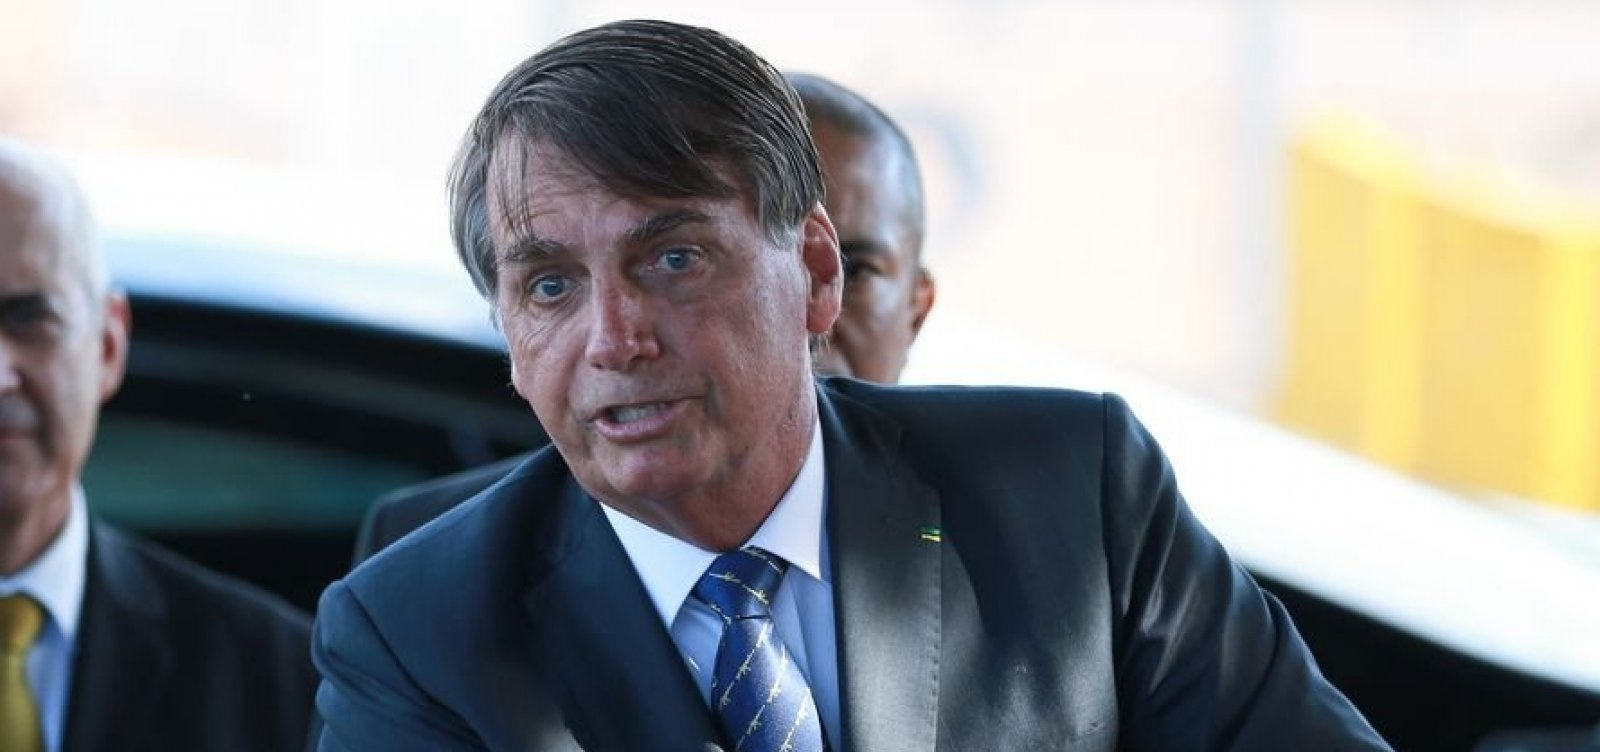 ['Apenas na diplomacia não dá', diz Bolsonaro ao citar proposta de Biden sobre Amazônia]